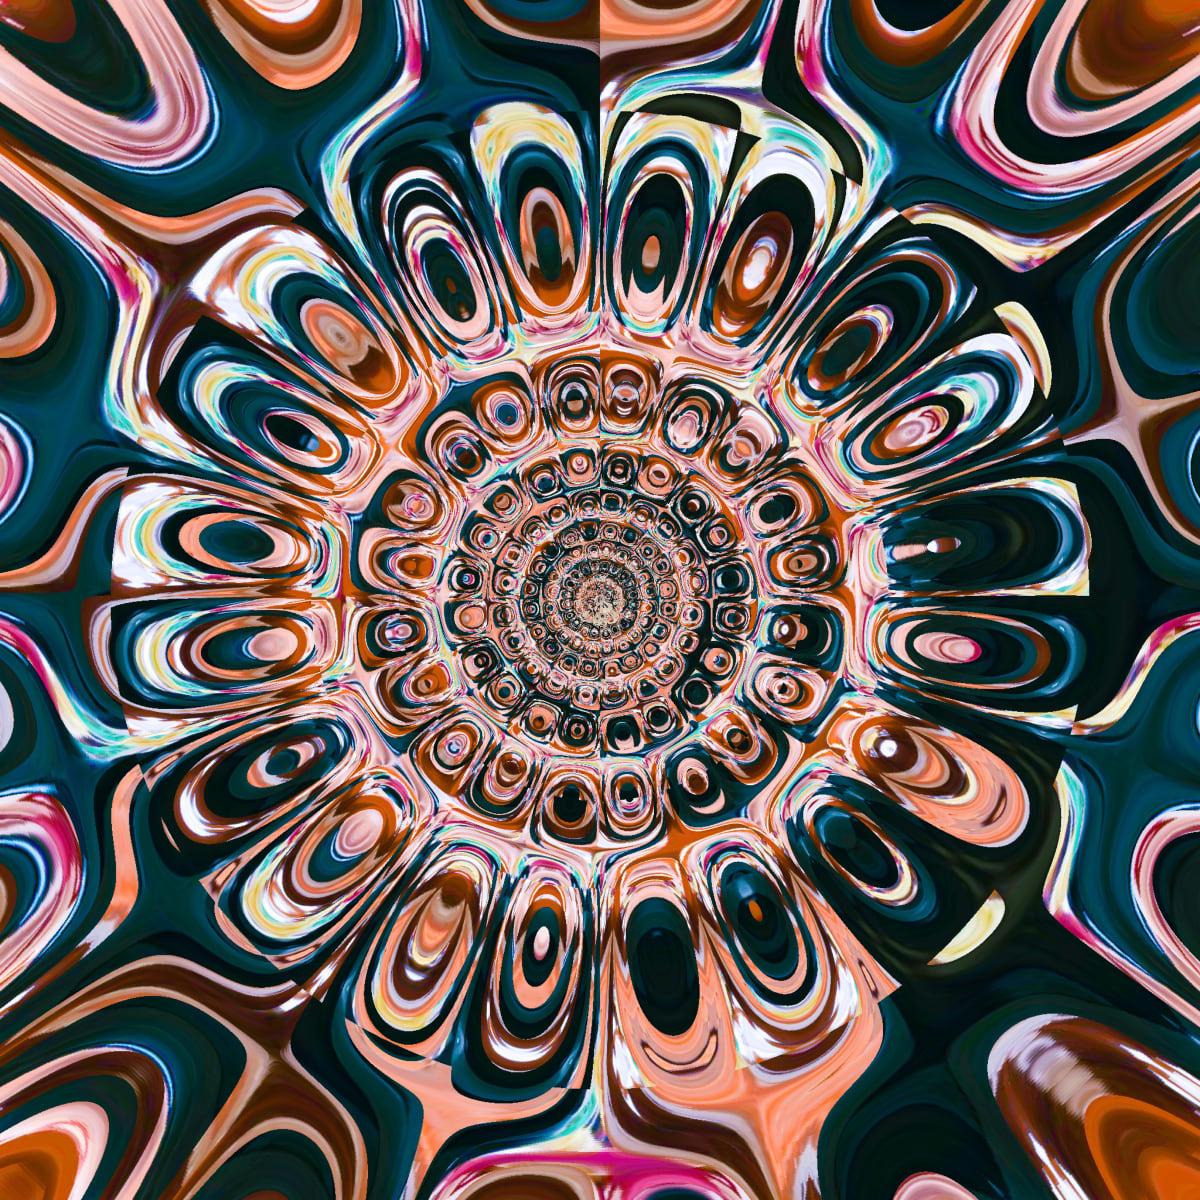 Kaleidoscope 17 by Y. Hope Osborn